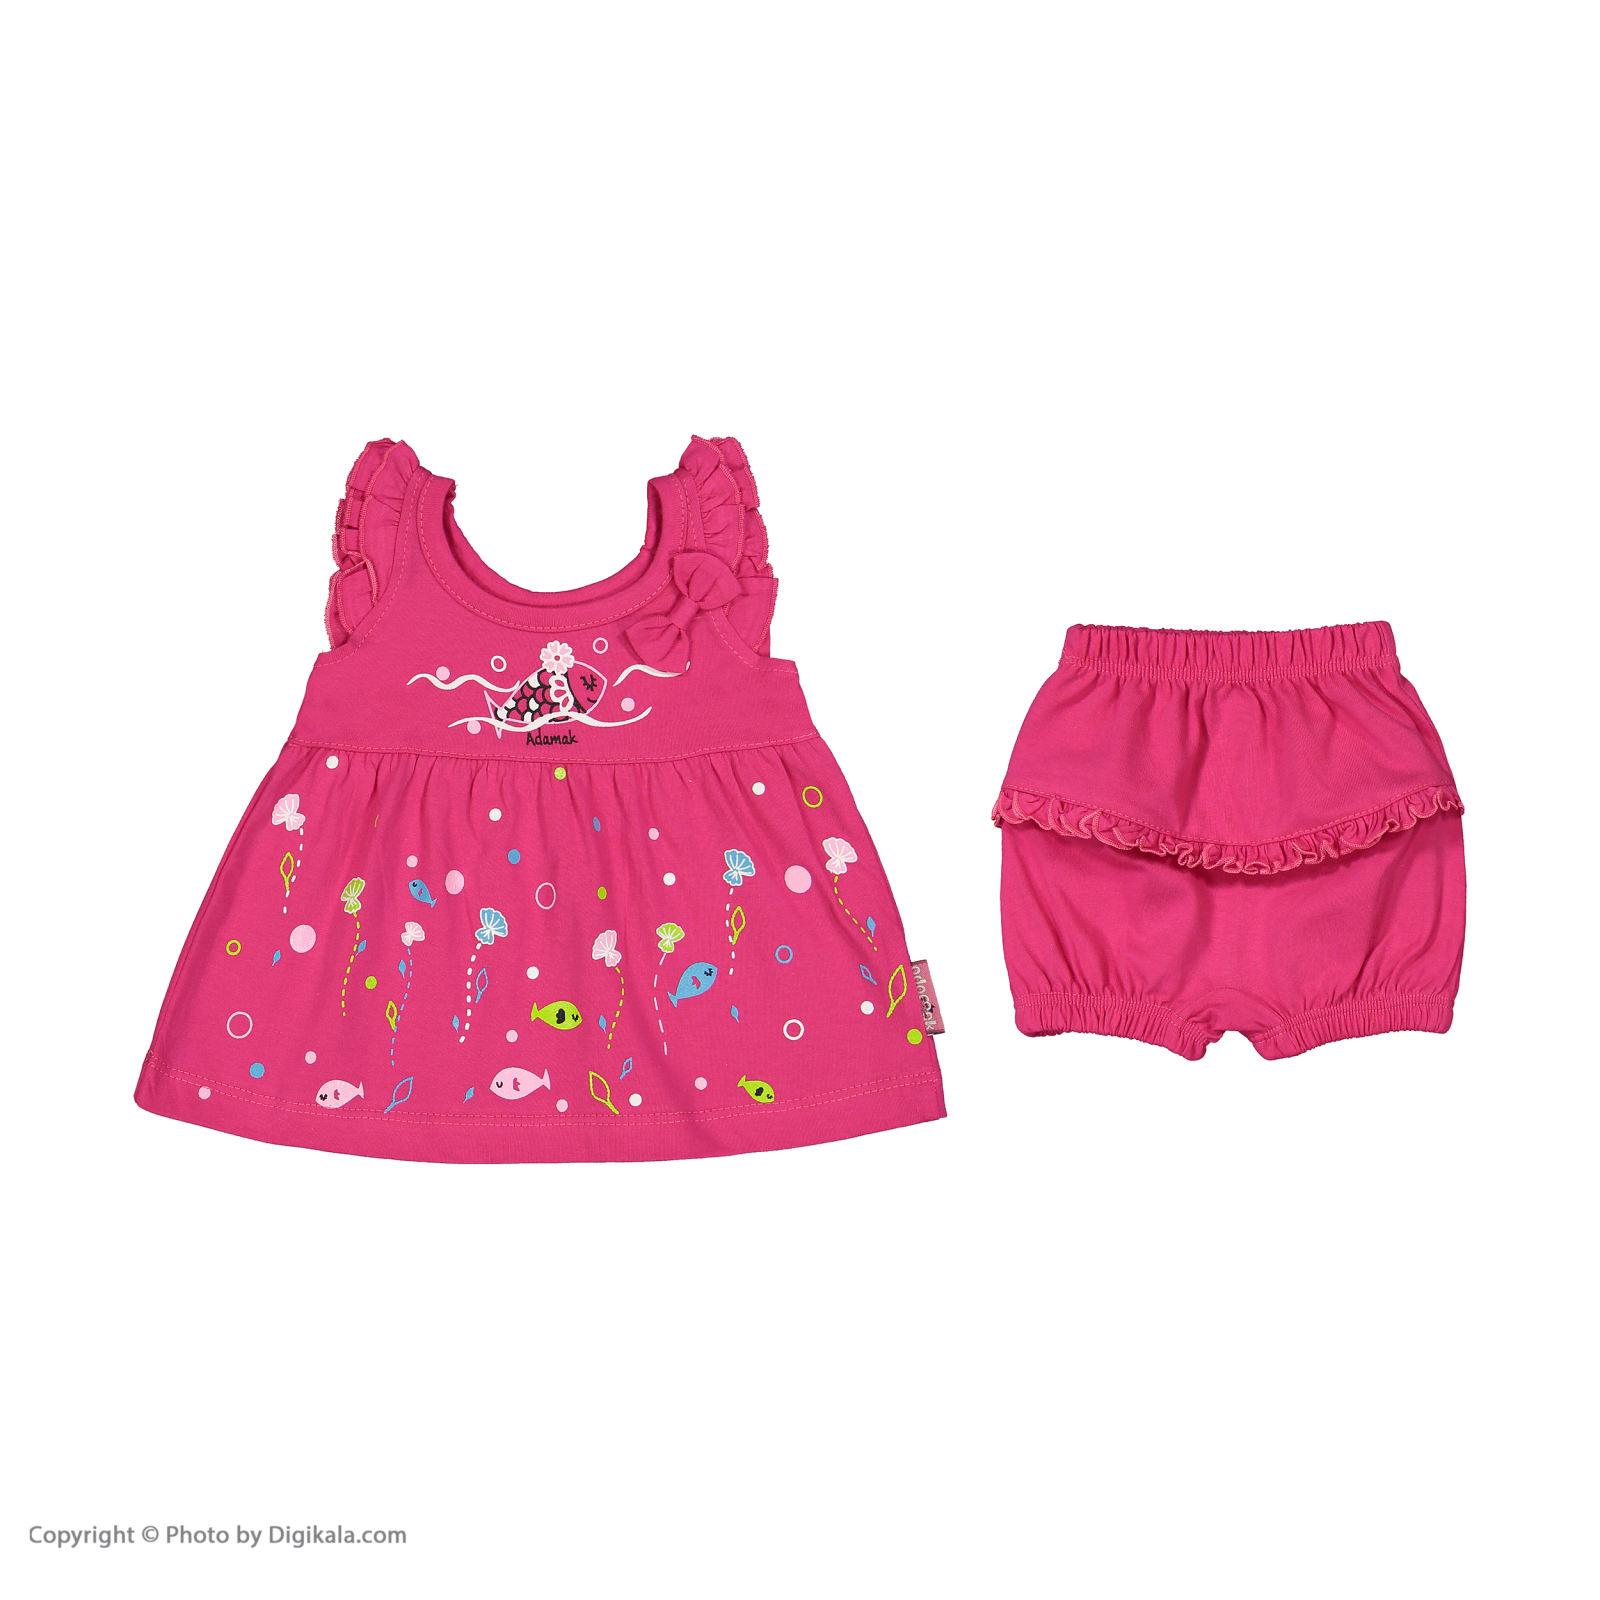 ست پیراهن و شورت نوزادی دخترانه مدل 2171111-88 -  - 4